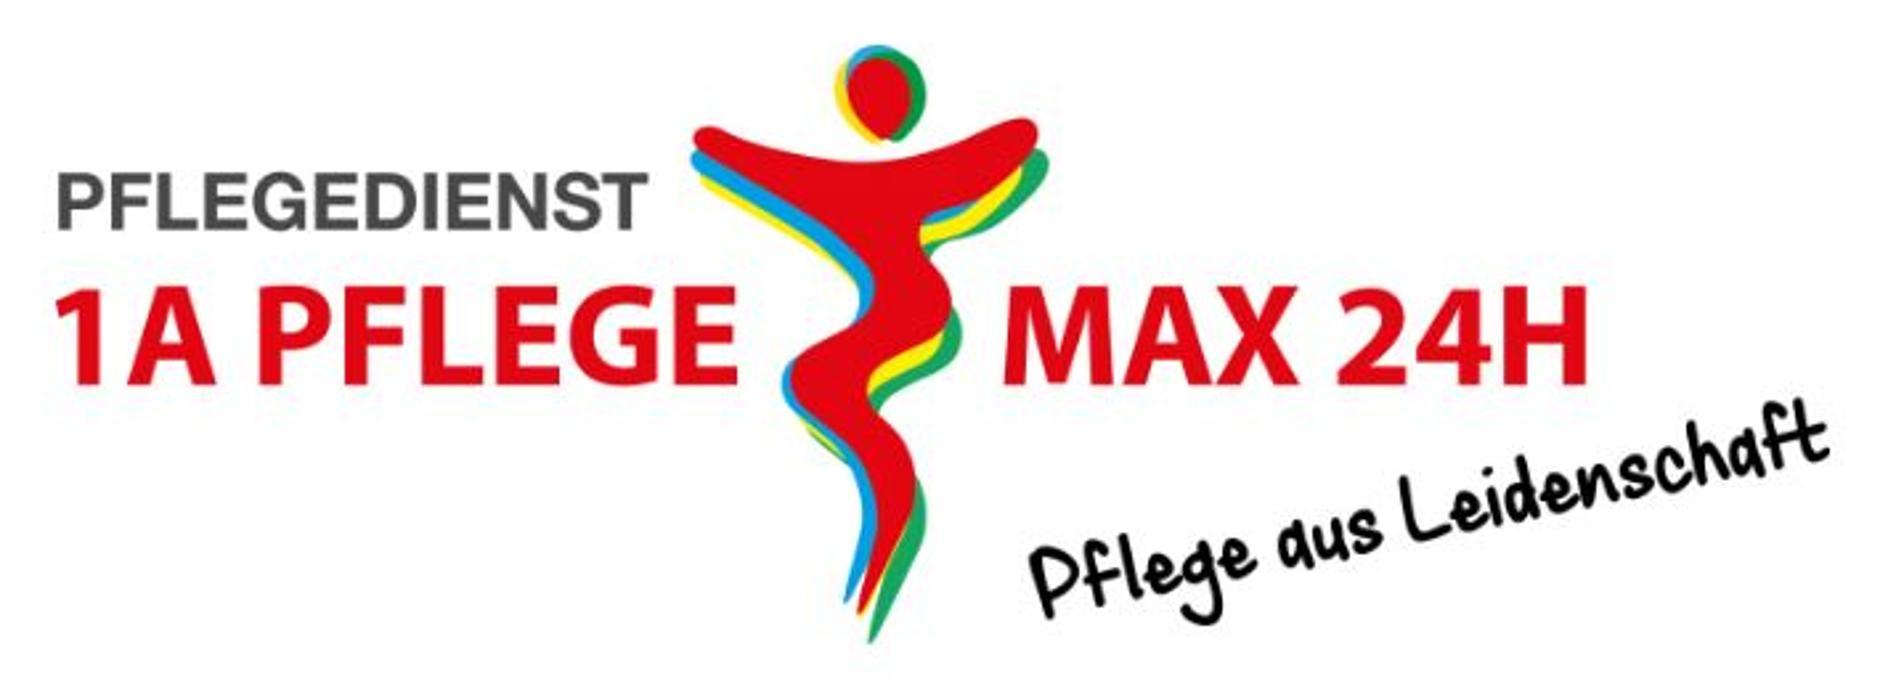 Bild zu Pflegedienst 1A PflegeMAX 24h GmbH in Mannheim